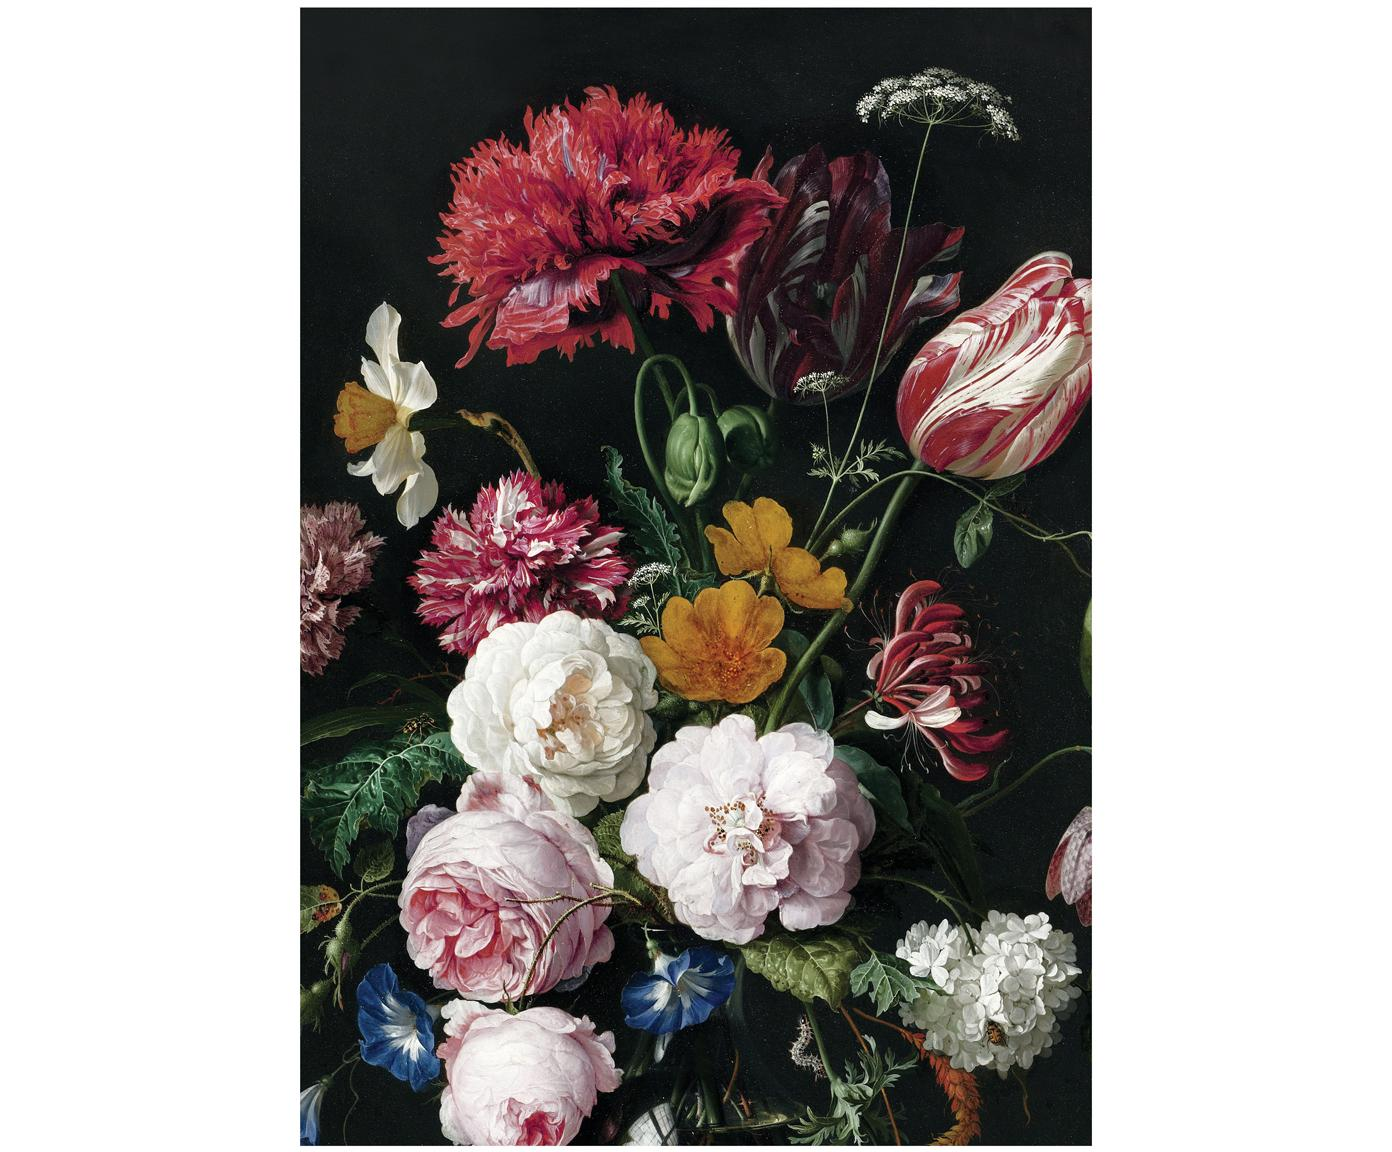 Fototapete Golden Age Flowers, Vlies, umweltfreundlich und biologisch abbaubar, Mehrfarbig, matt, 196 x 280 cm